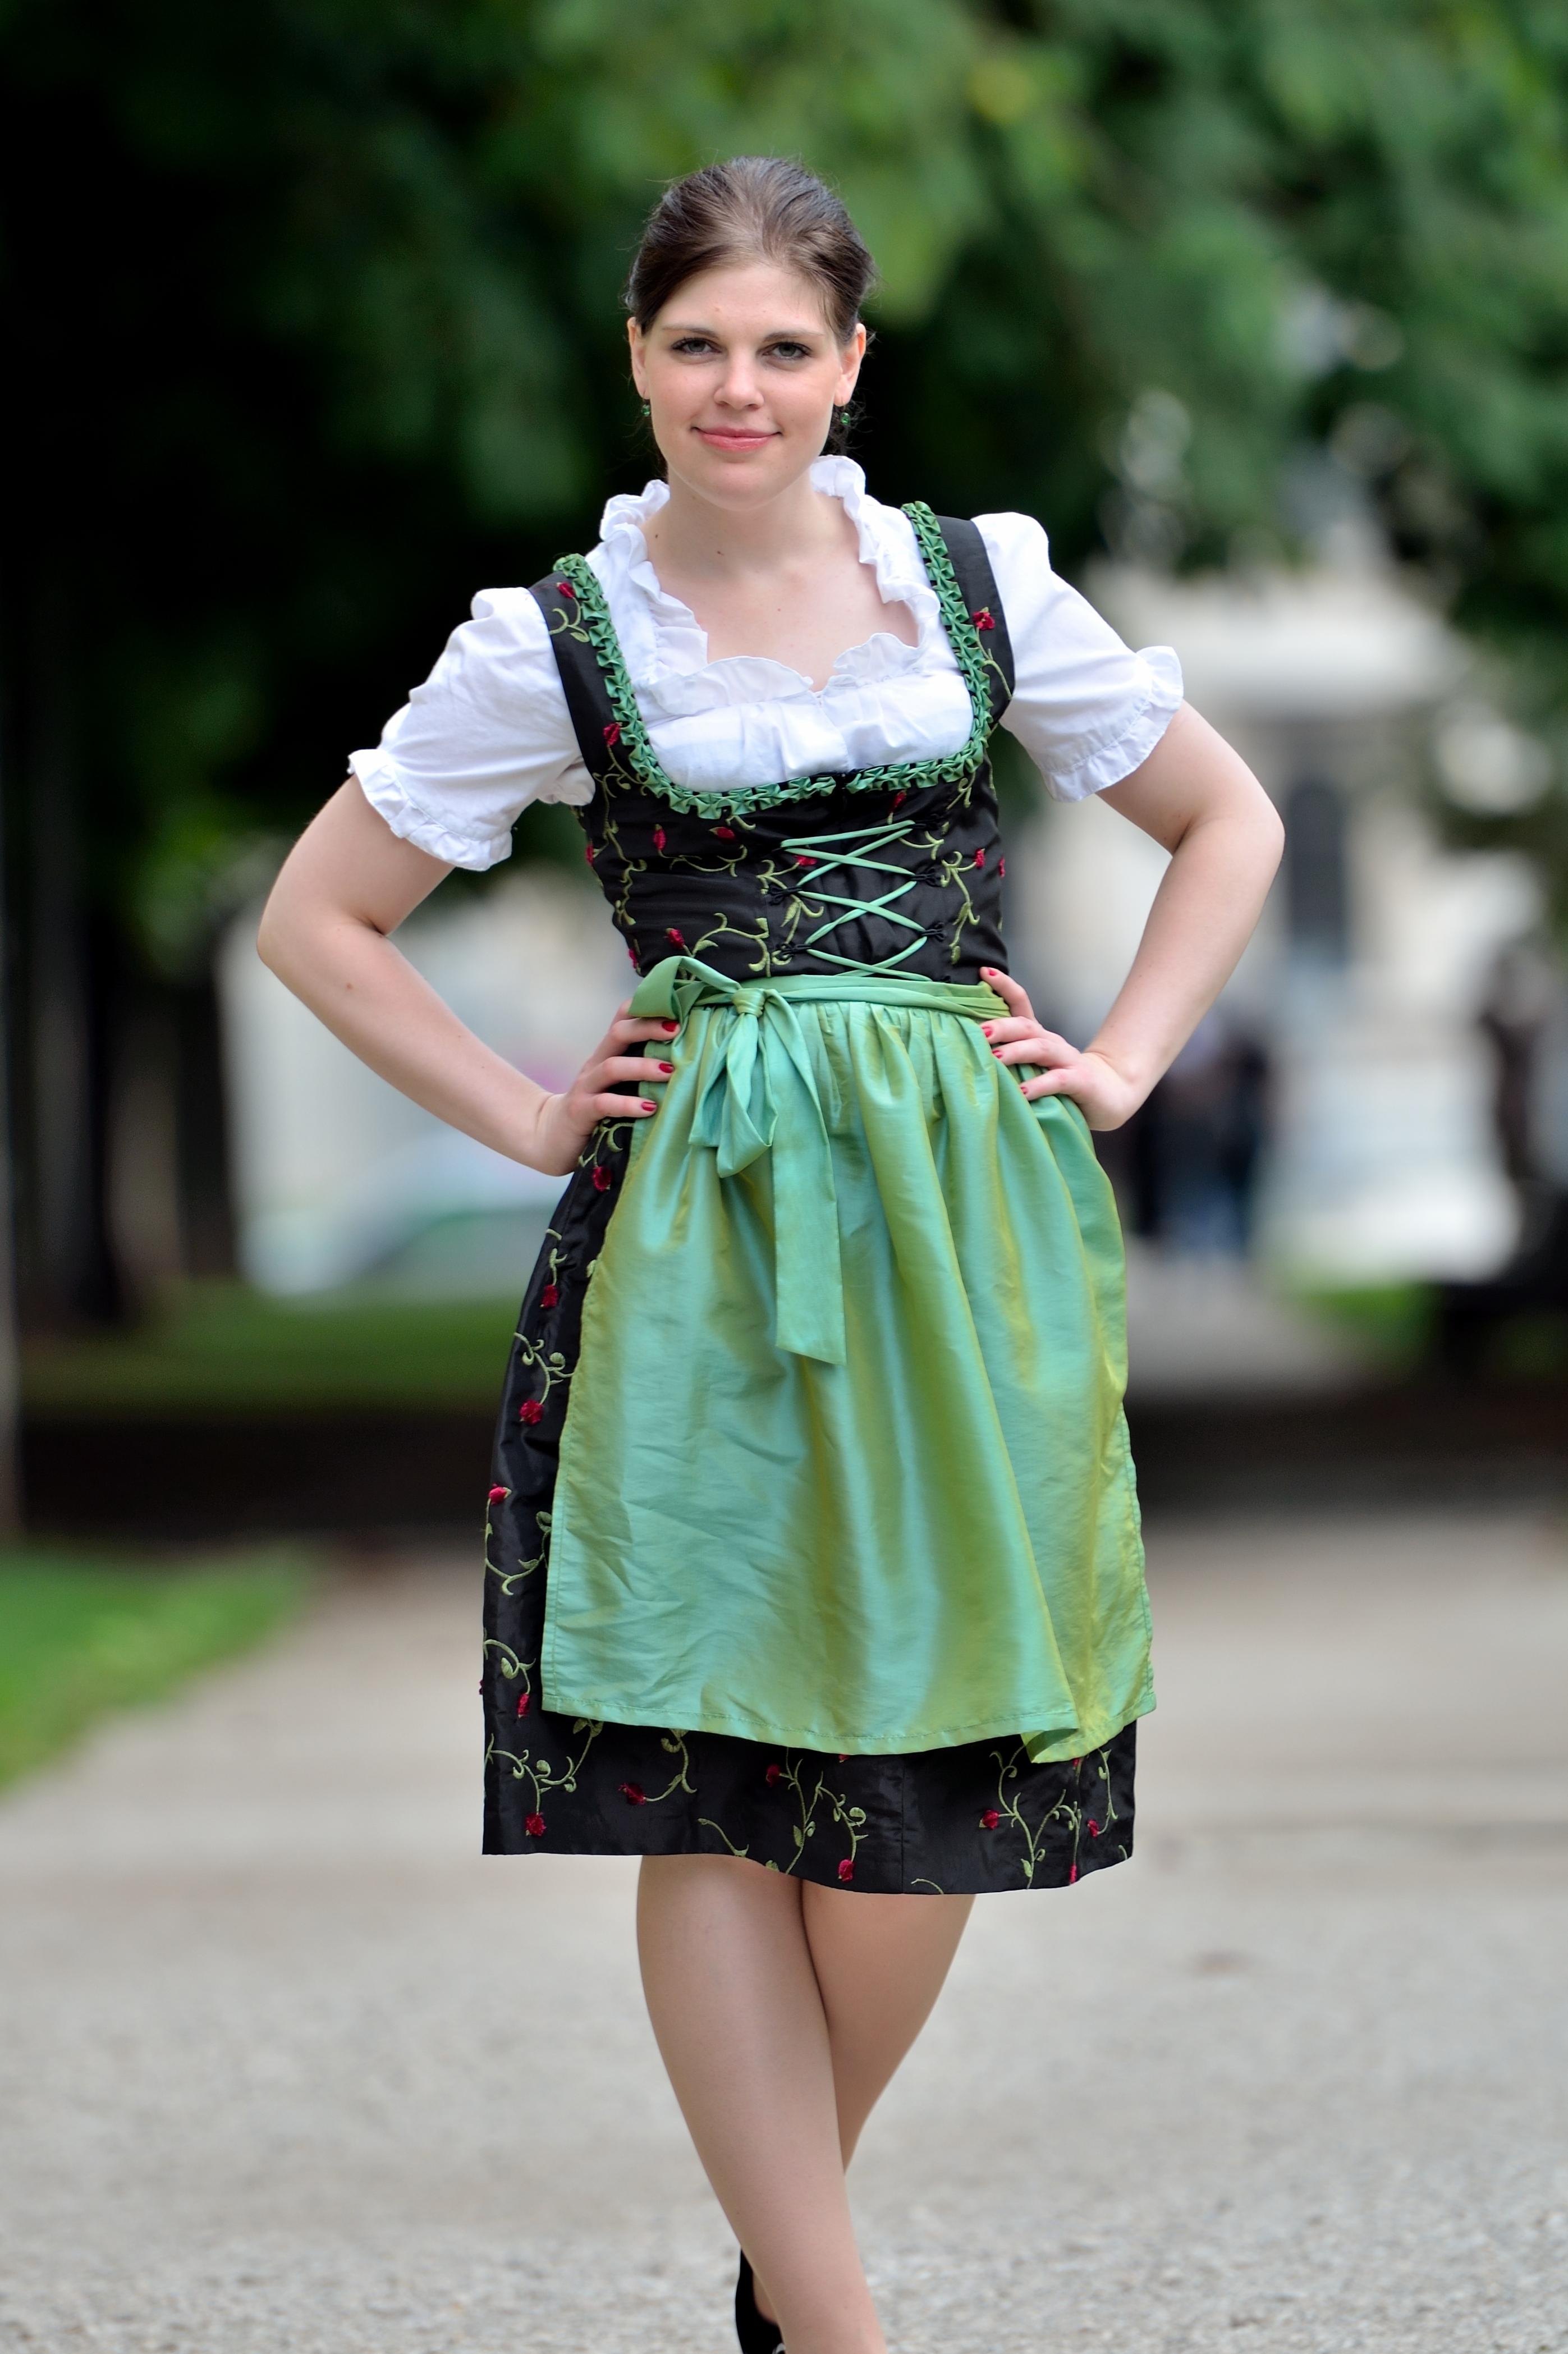 En la foto es una mujer. La mujer lleva un vestido de Dirndl con delantal y la blusa.